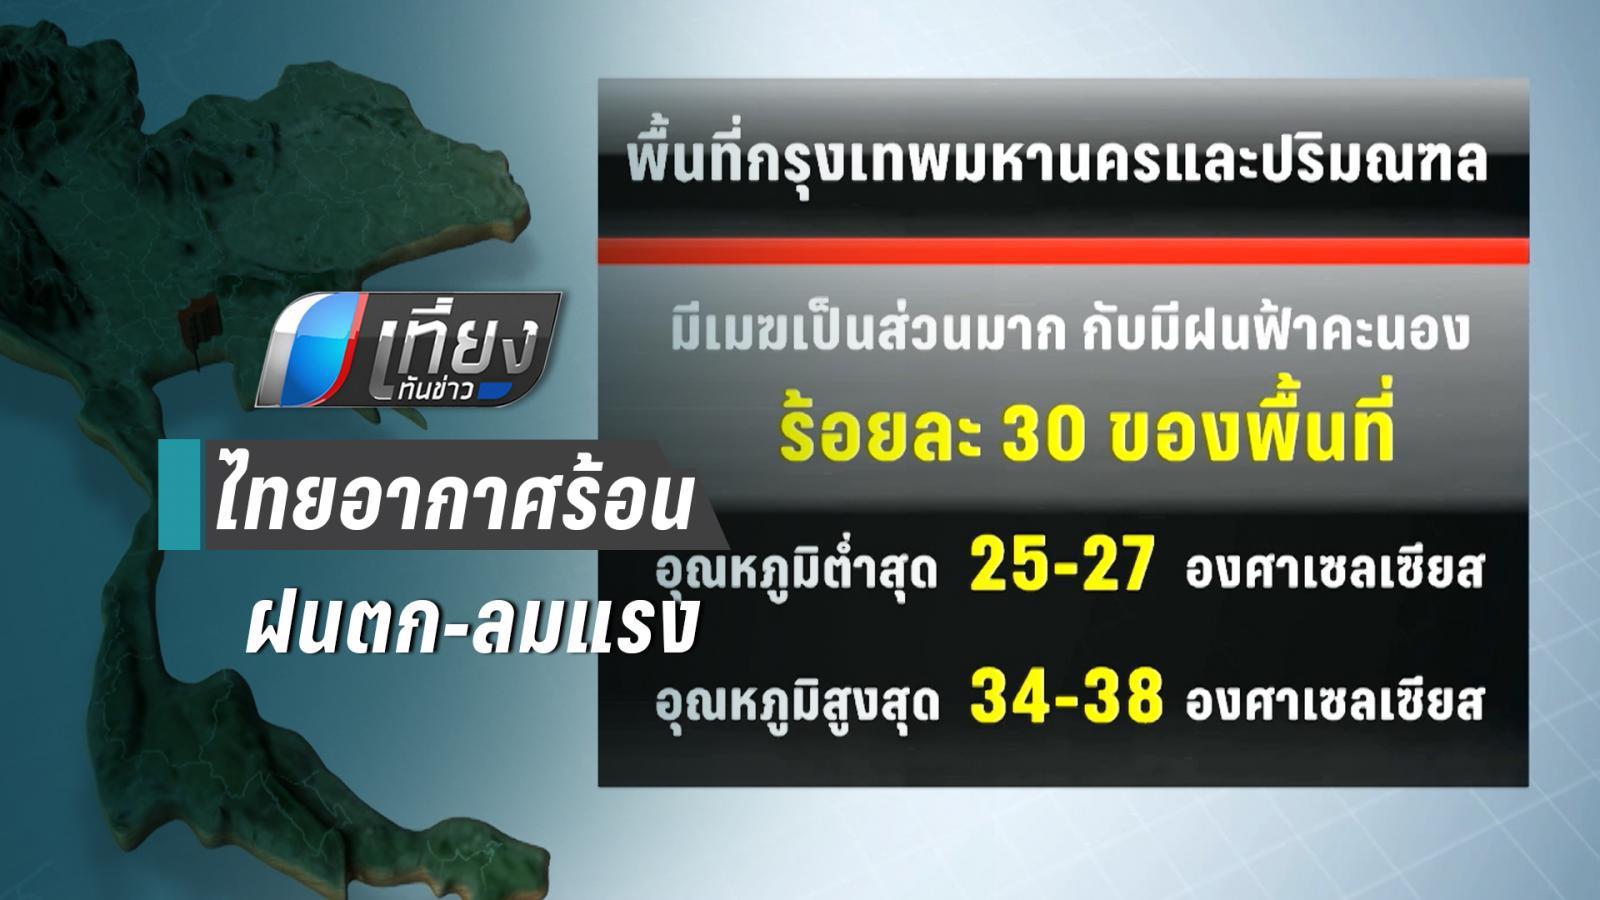 อุตุฯ เผยไทยอากาศร้อน มีฝนฟ้าคะนองลมแรง